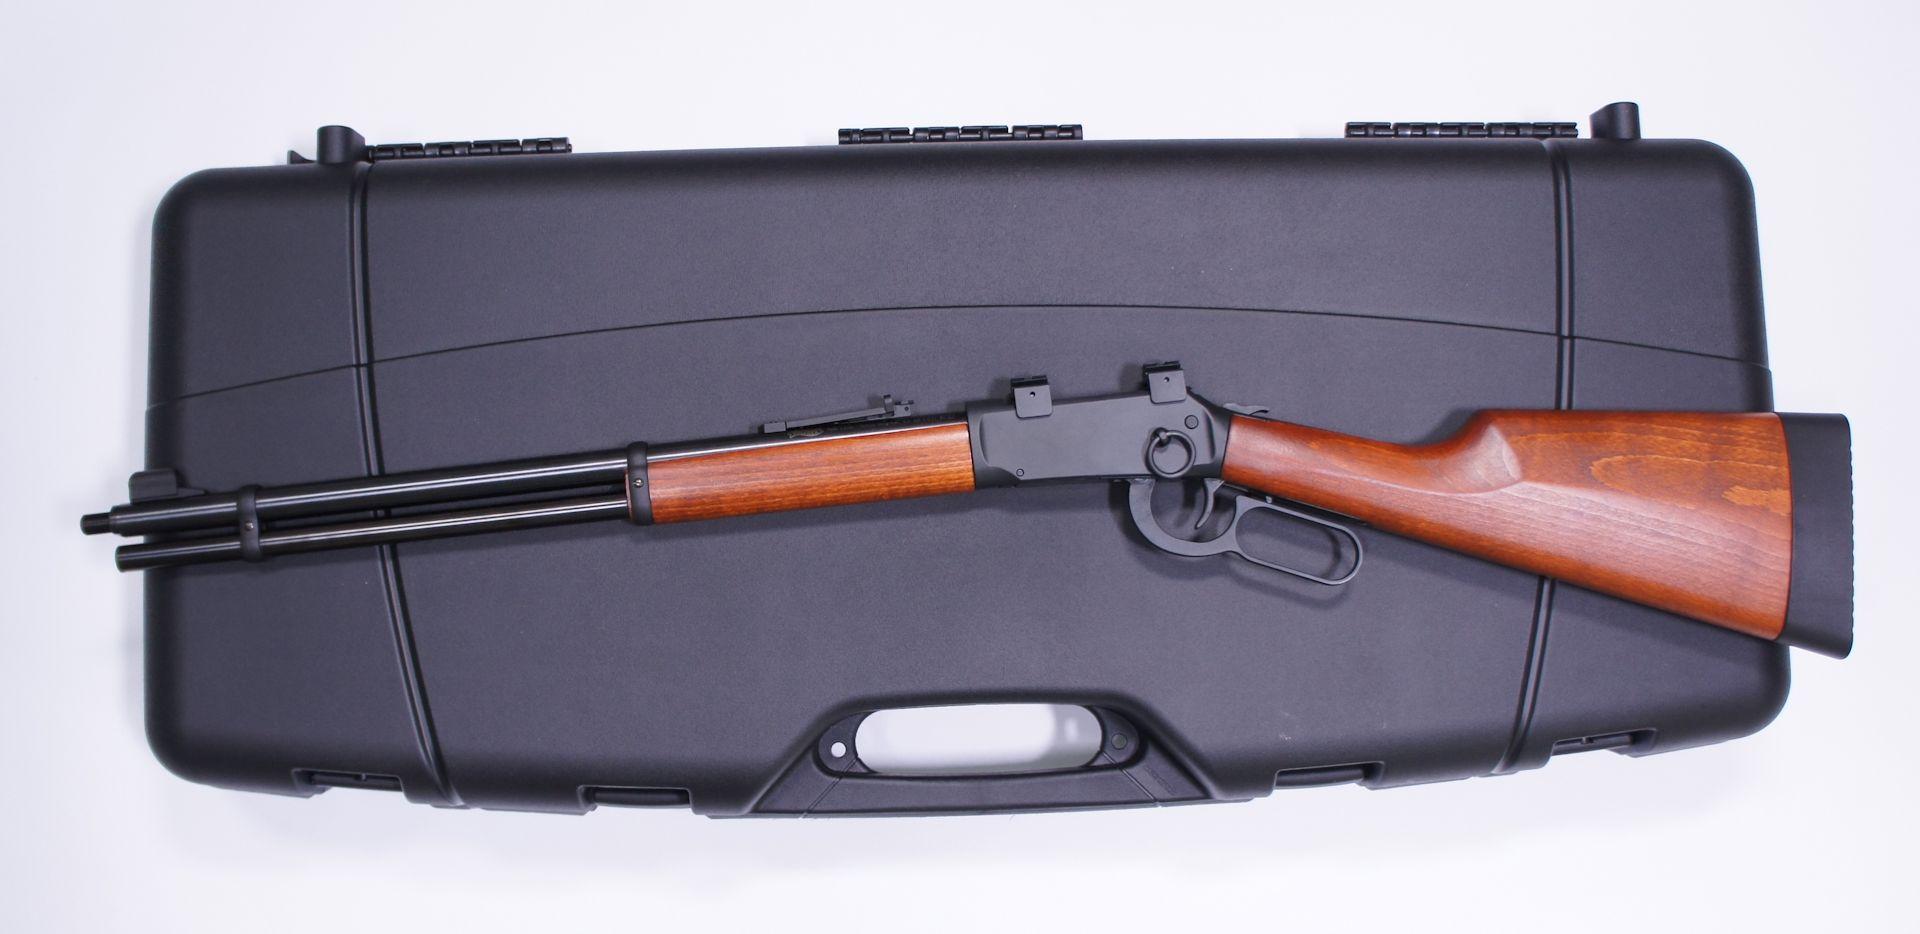 Negatives Anwendungsbeispiel vom kurzen Gewehrkoffer mit Leveraction Gewehr, was schon nicht mehr passt. Man muss hier also wirklich die Waffenlänge beachten.